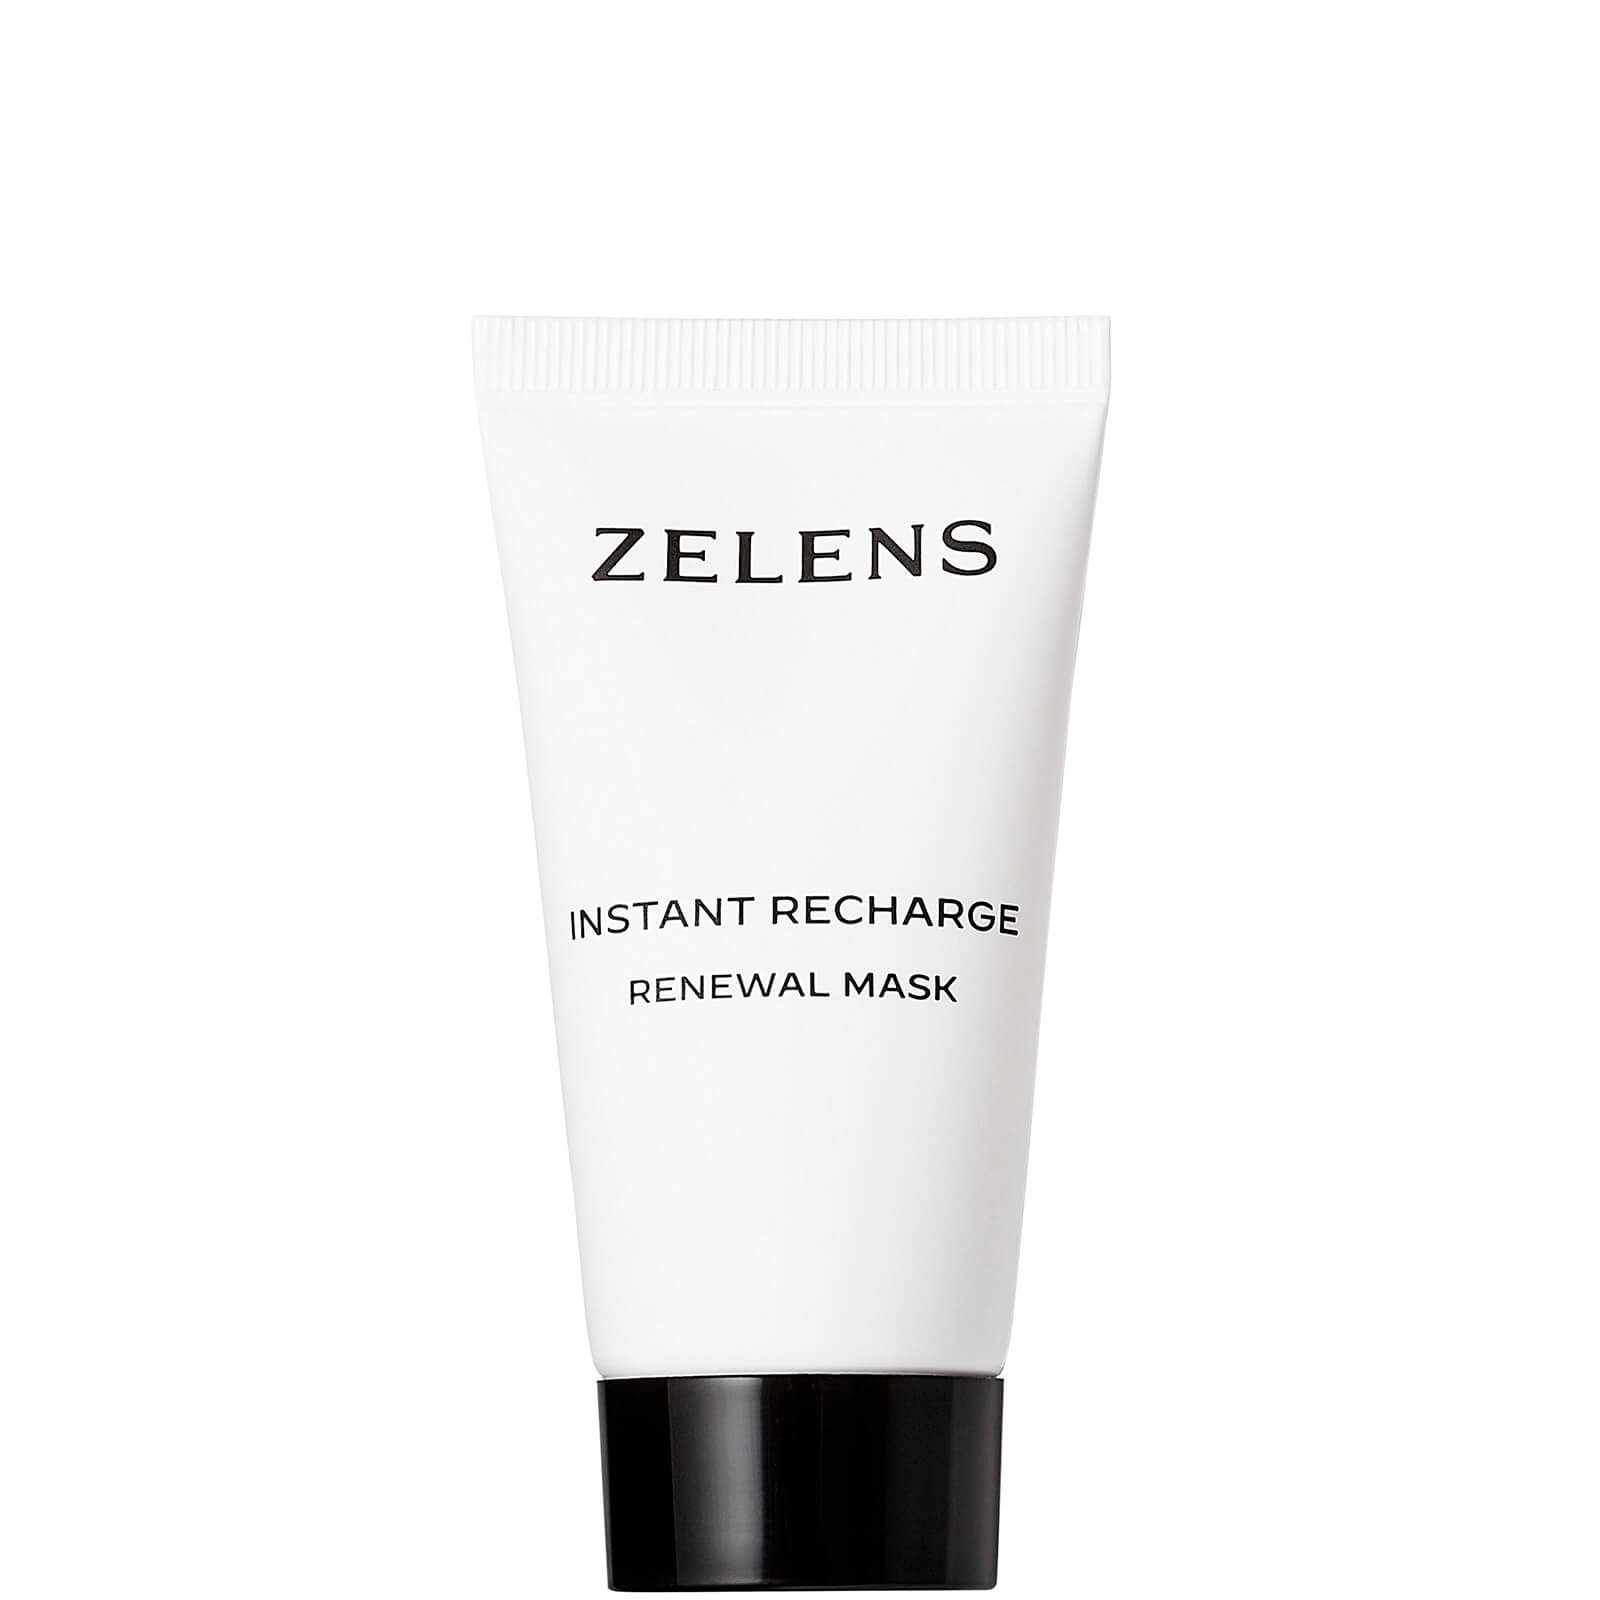 Купить Zelens Instant Recharge Renewal Mask 15мл восстанавливающая маска